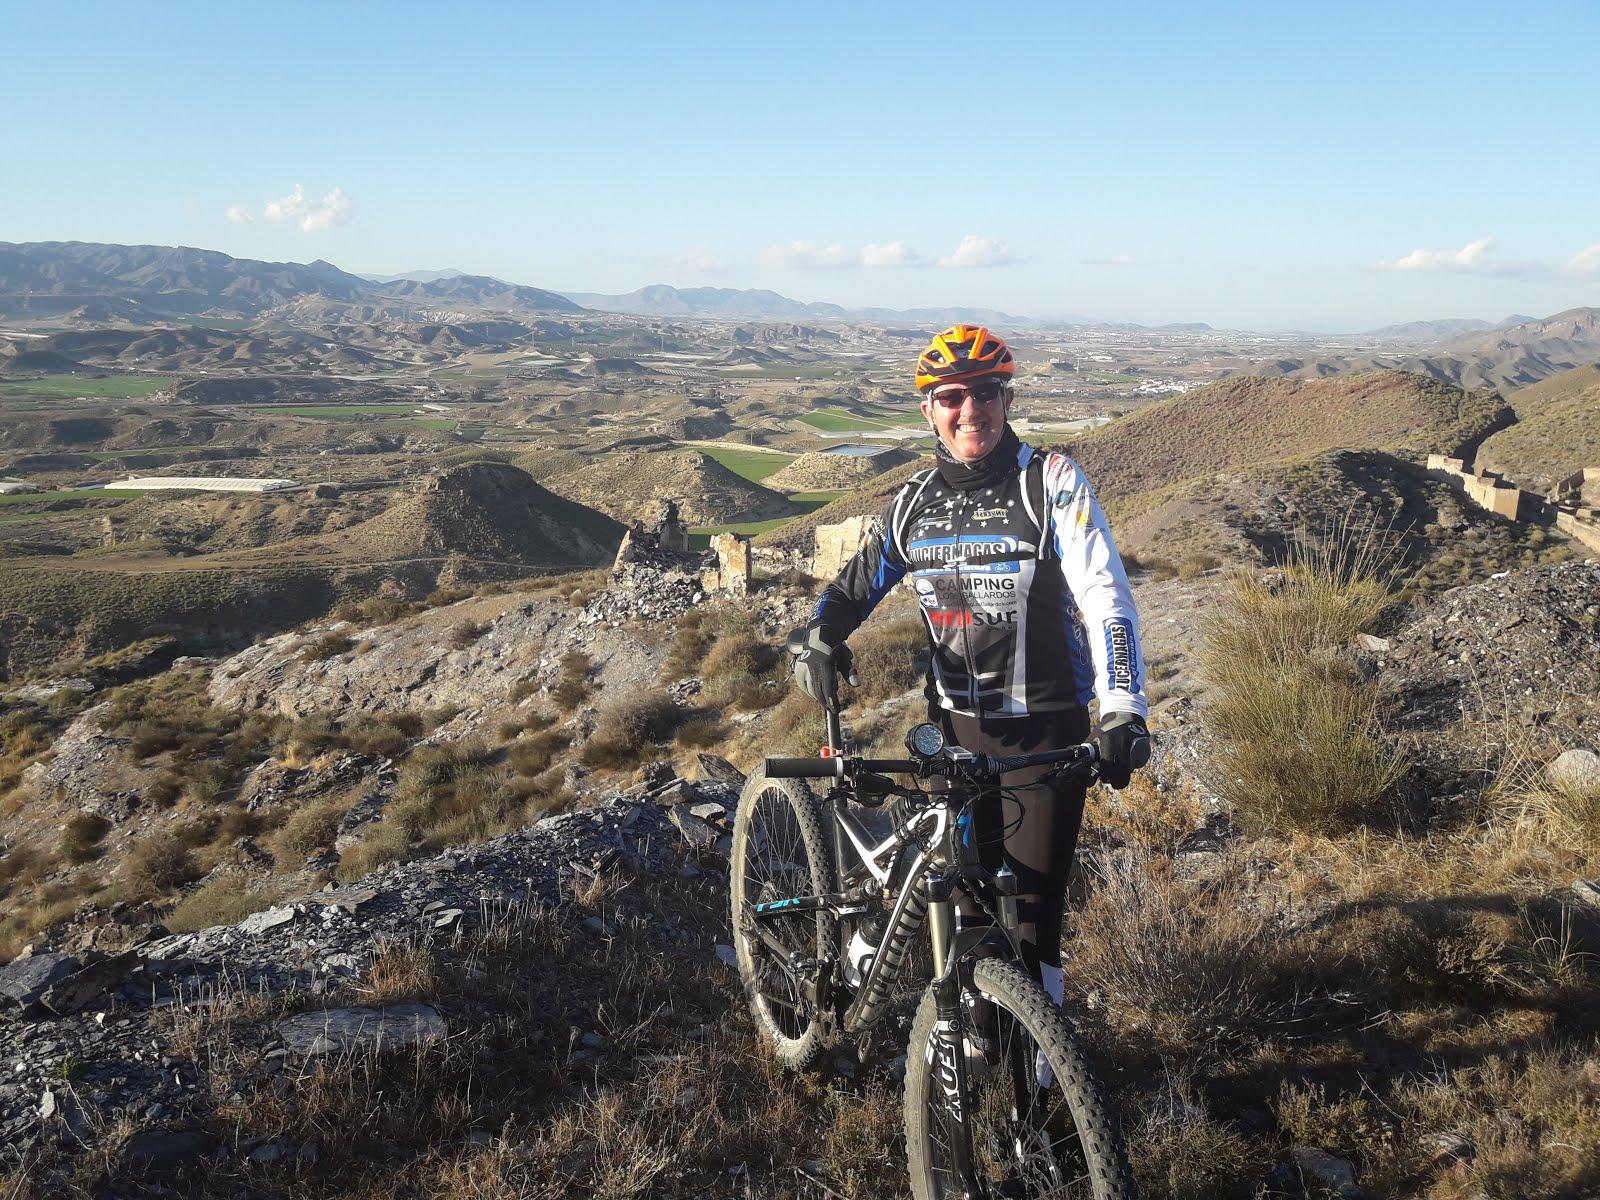 Descenso por caminos del Barranco Jaroso. Almería febrero 2018